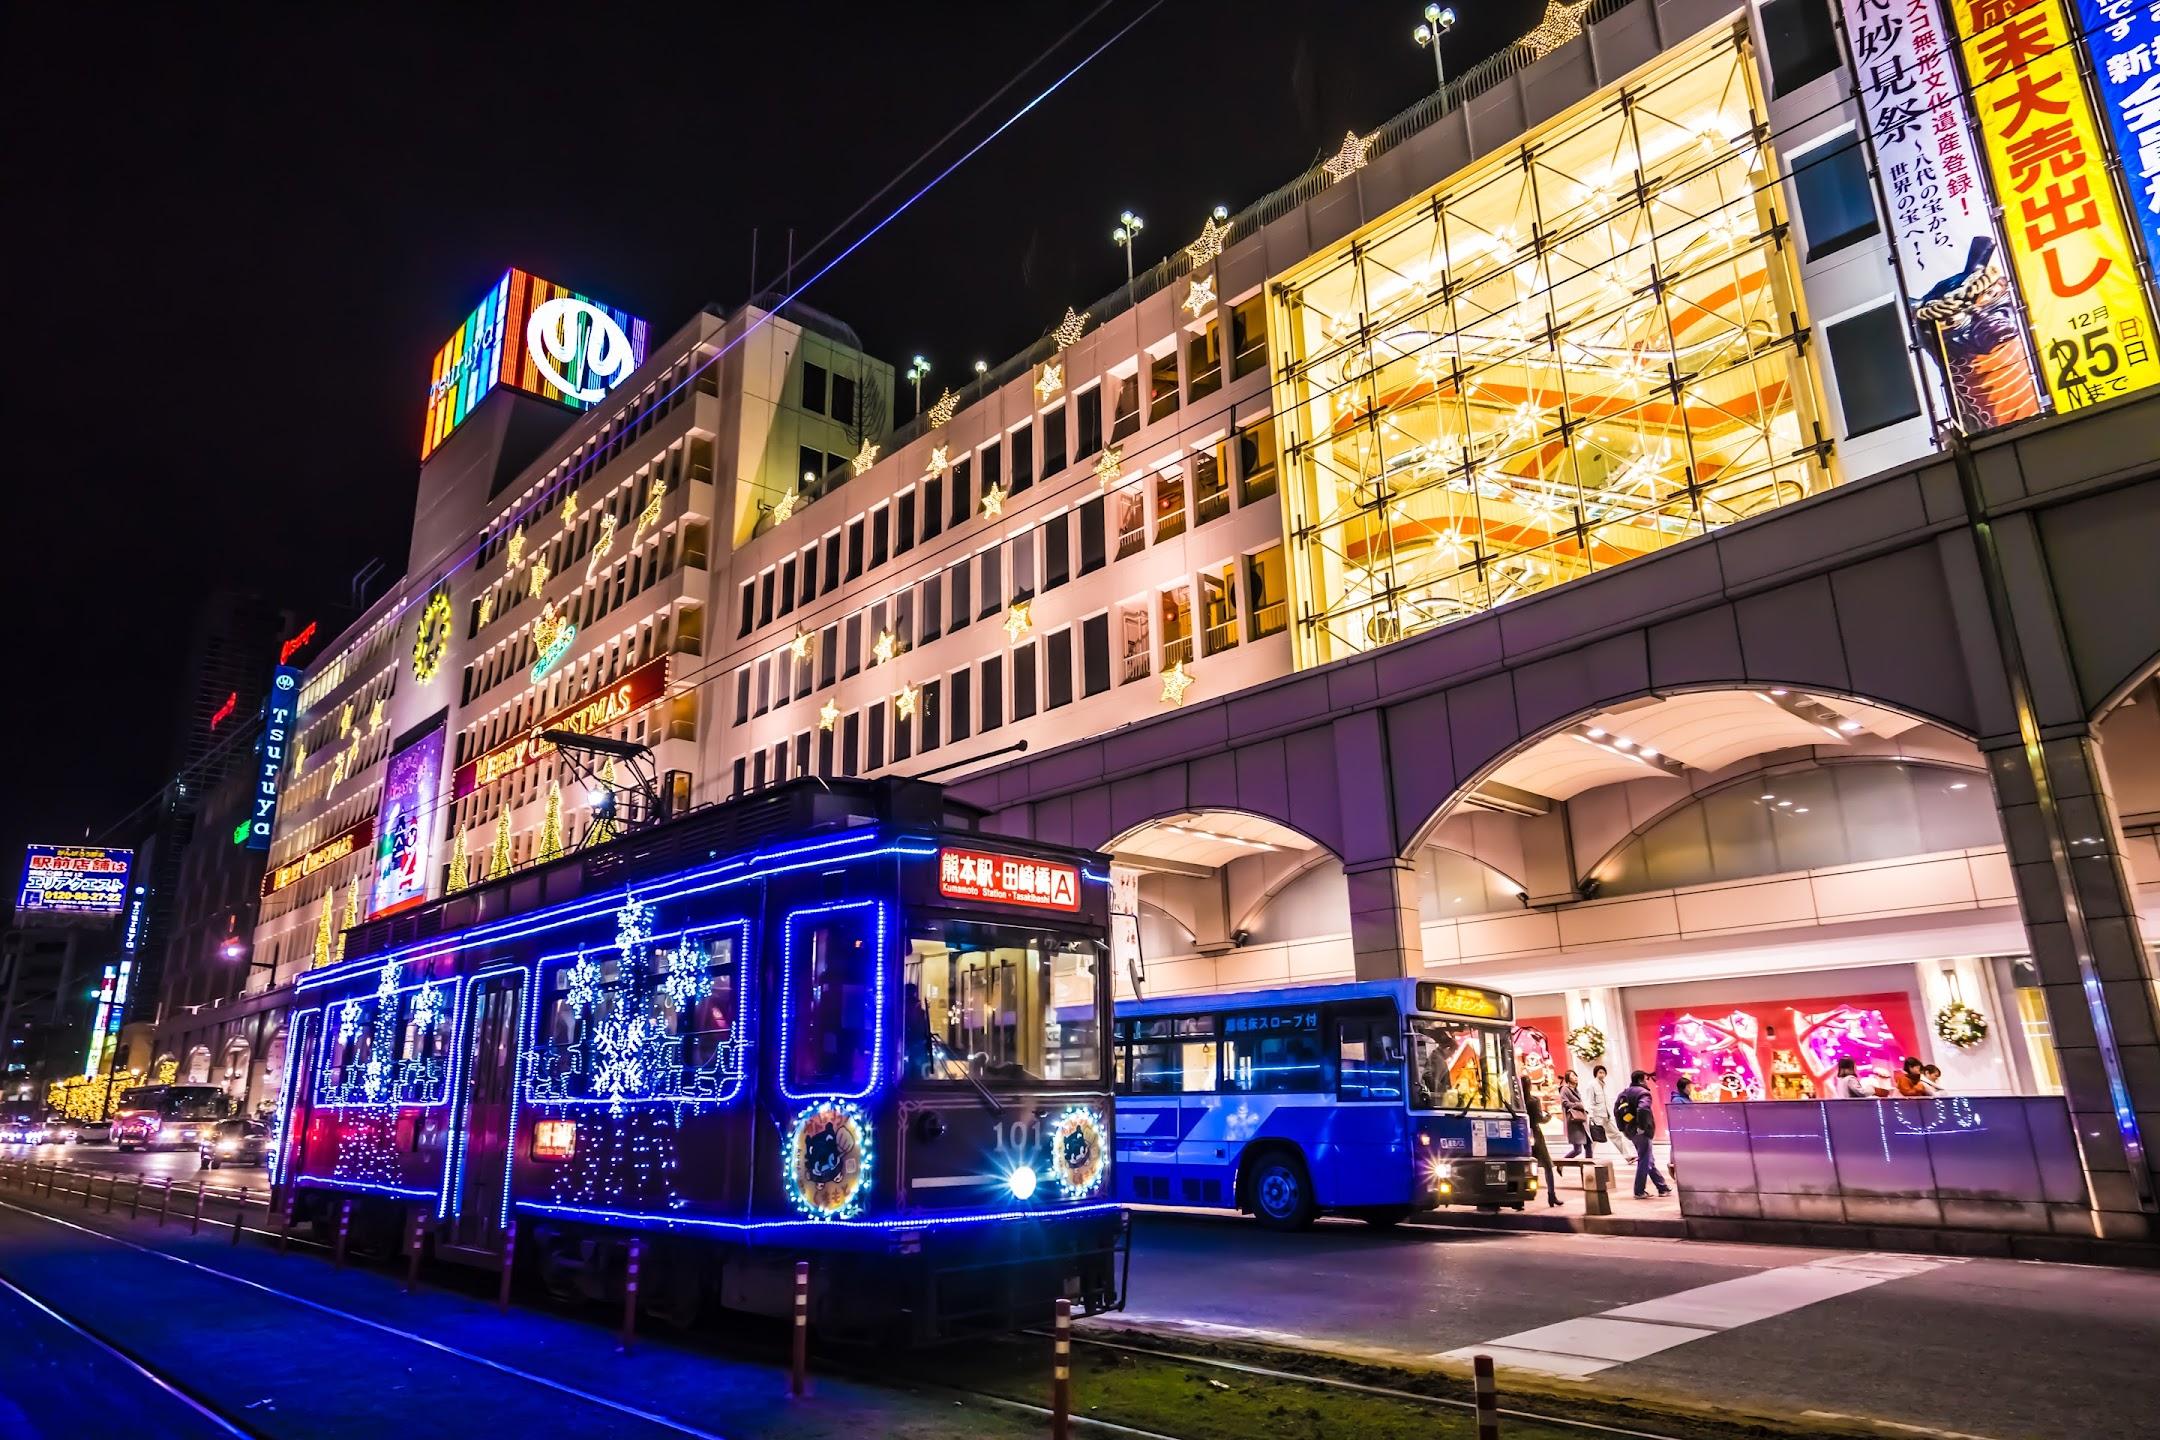 熊本 夜 鶴屋百貨店1